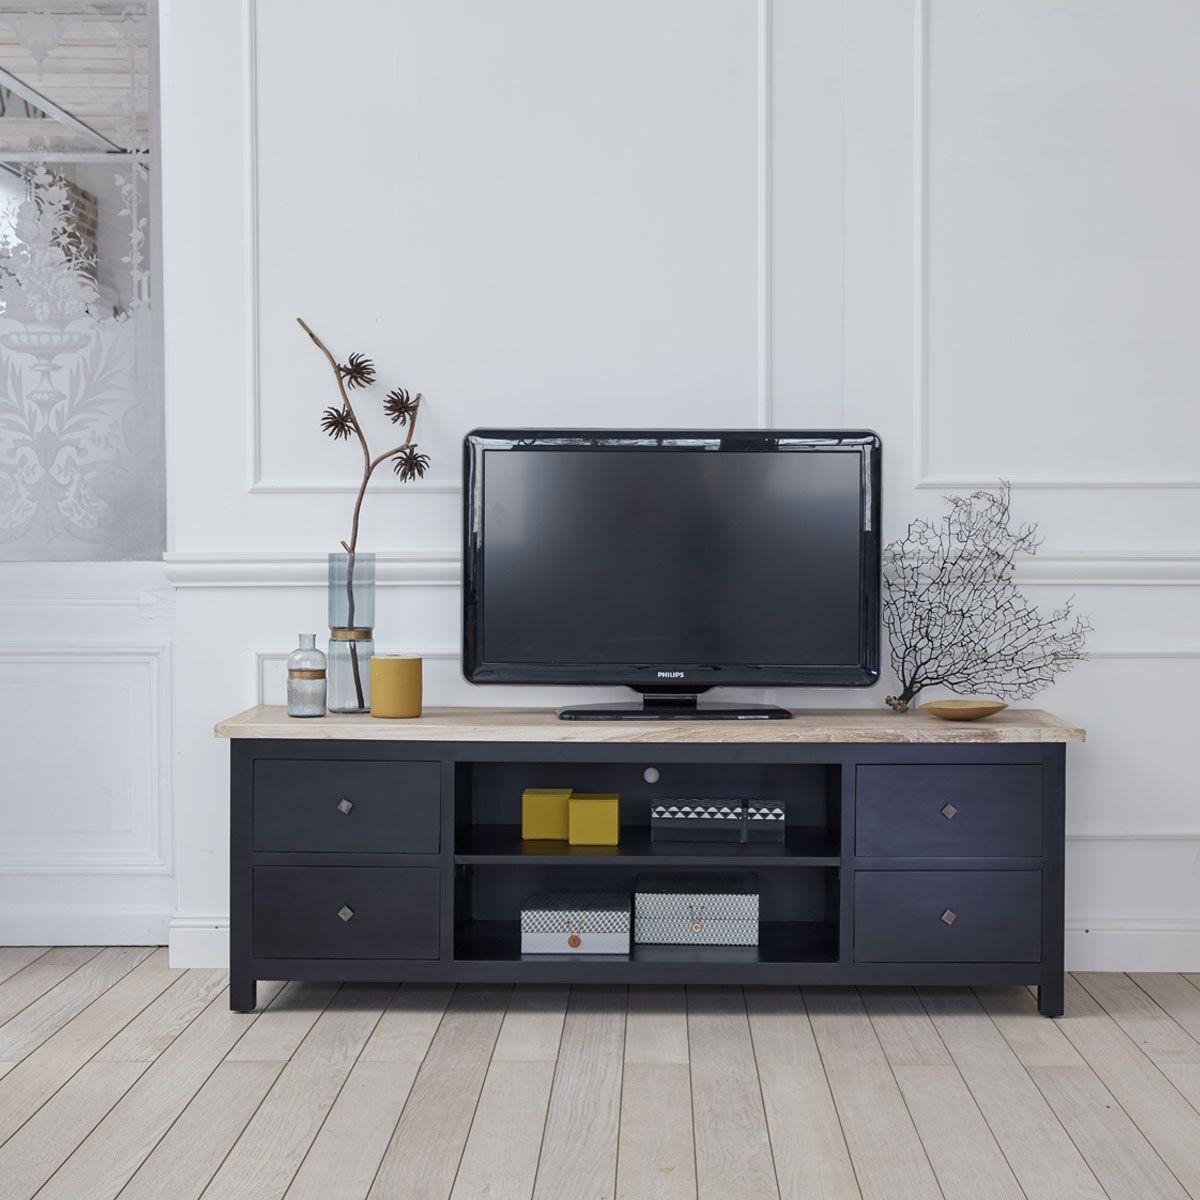 Meuble Tv Londres Noir Bois Dessus Bois Dessous Meuble Tv La Redoute Iziva Com Meuble Tv Bois Meuble Tv Mobilier De Salon